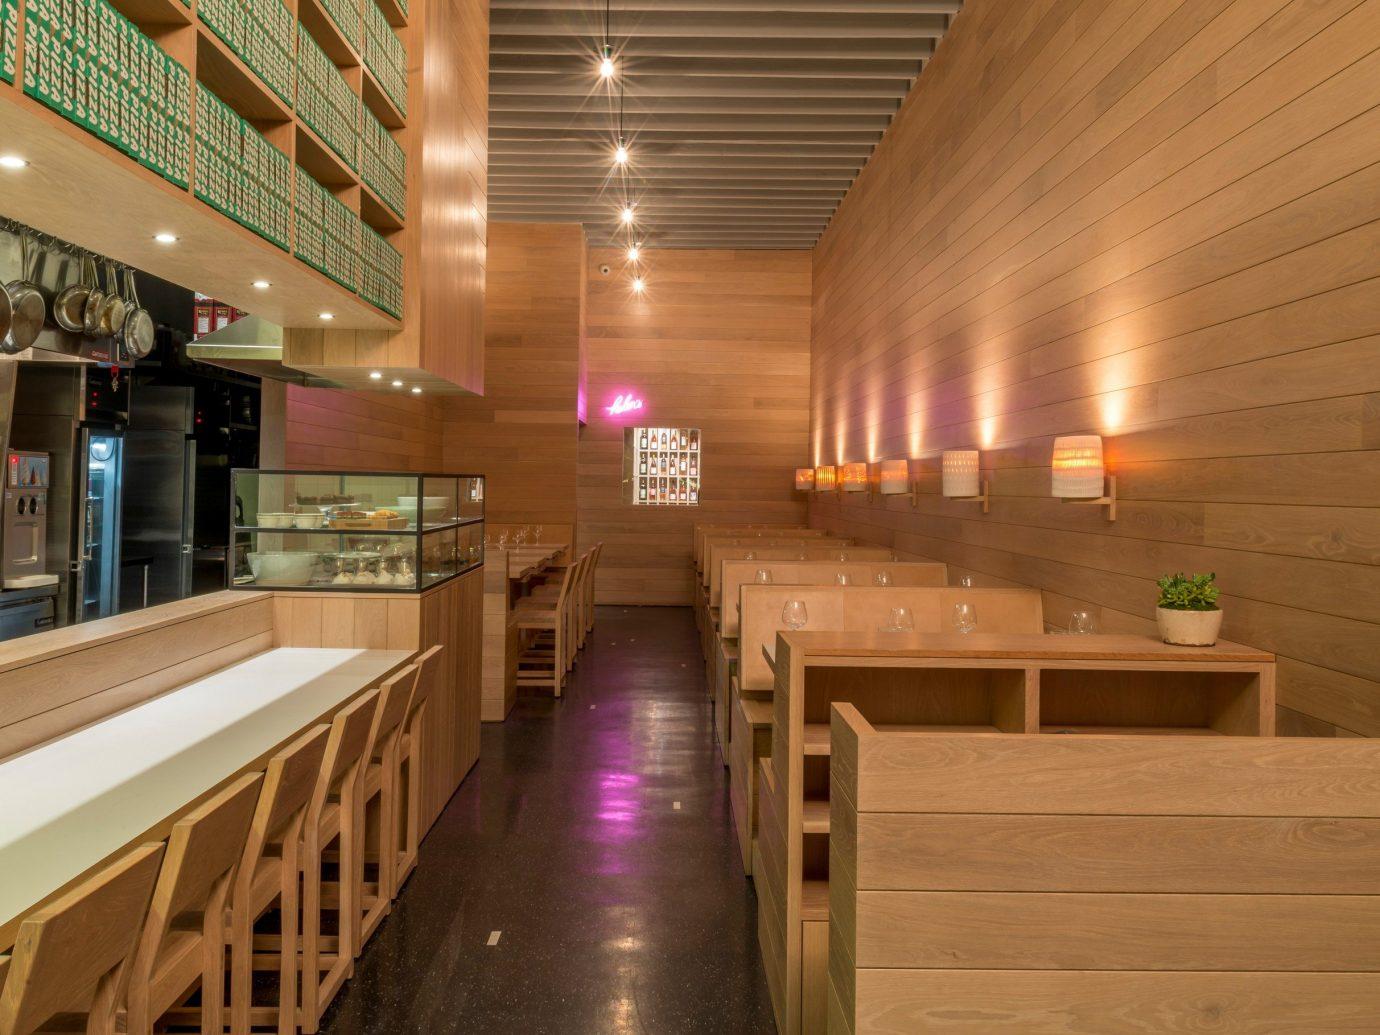 Trip Ideas indoor ceiling Lobby lighting interior design estate aisle auditorium